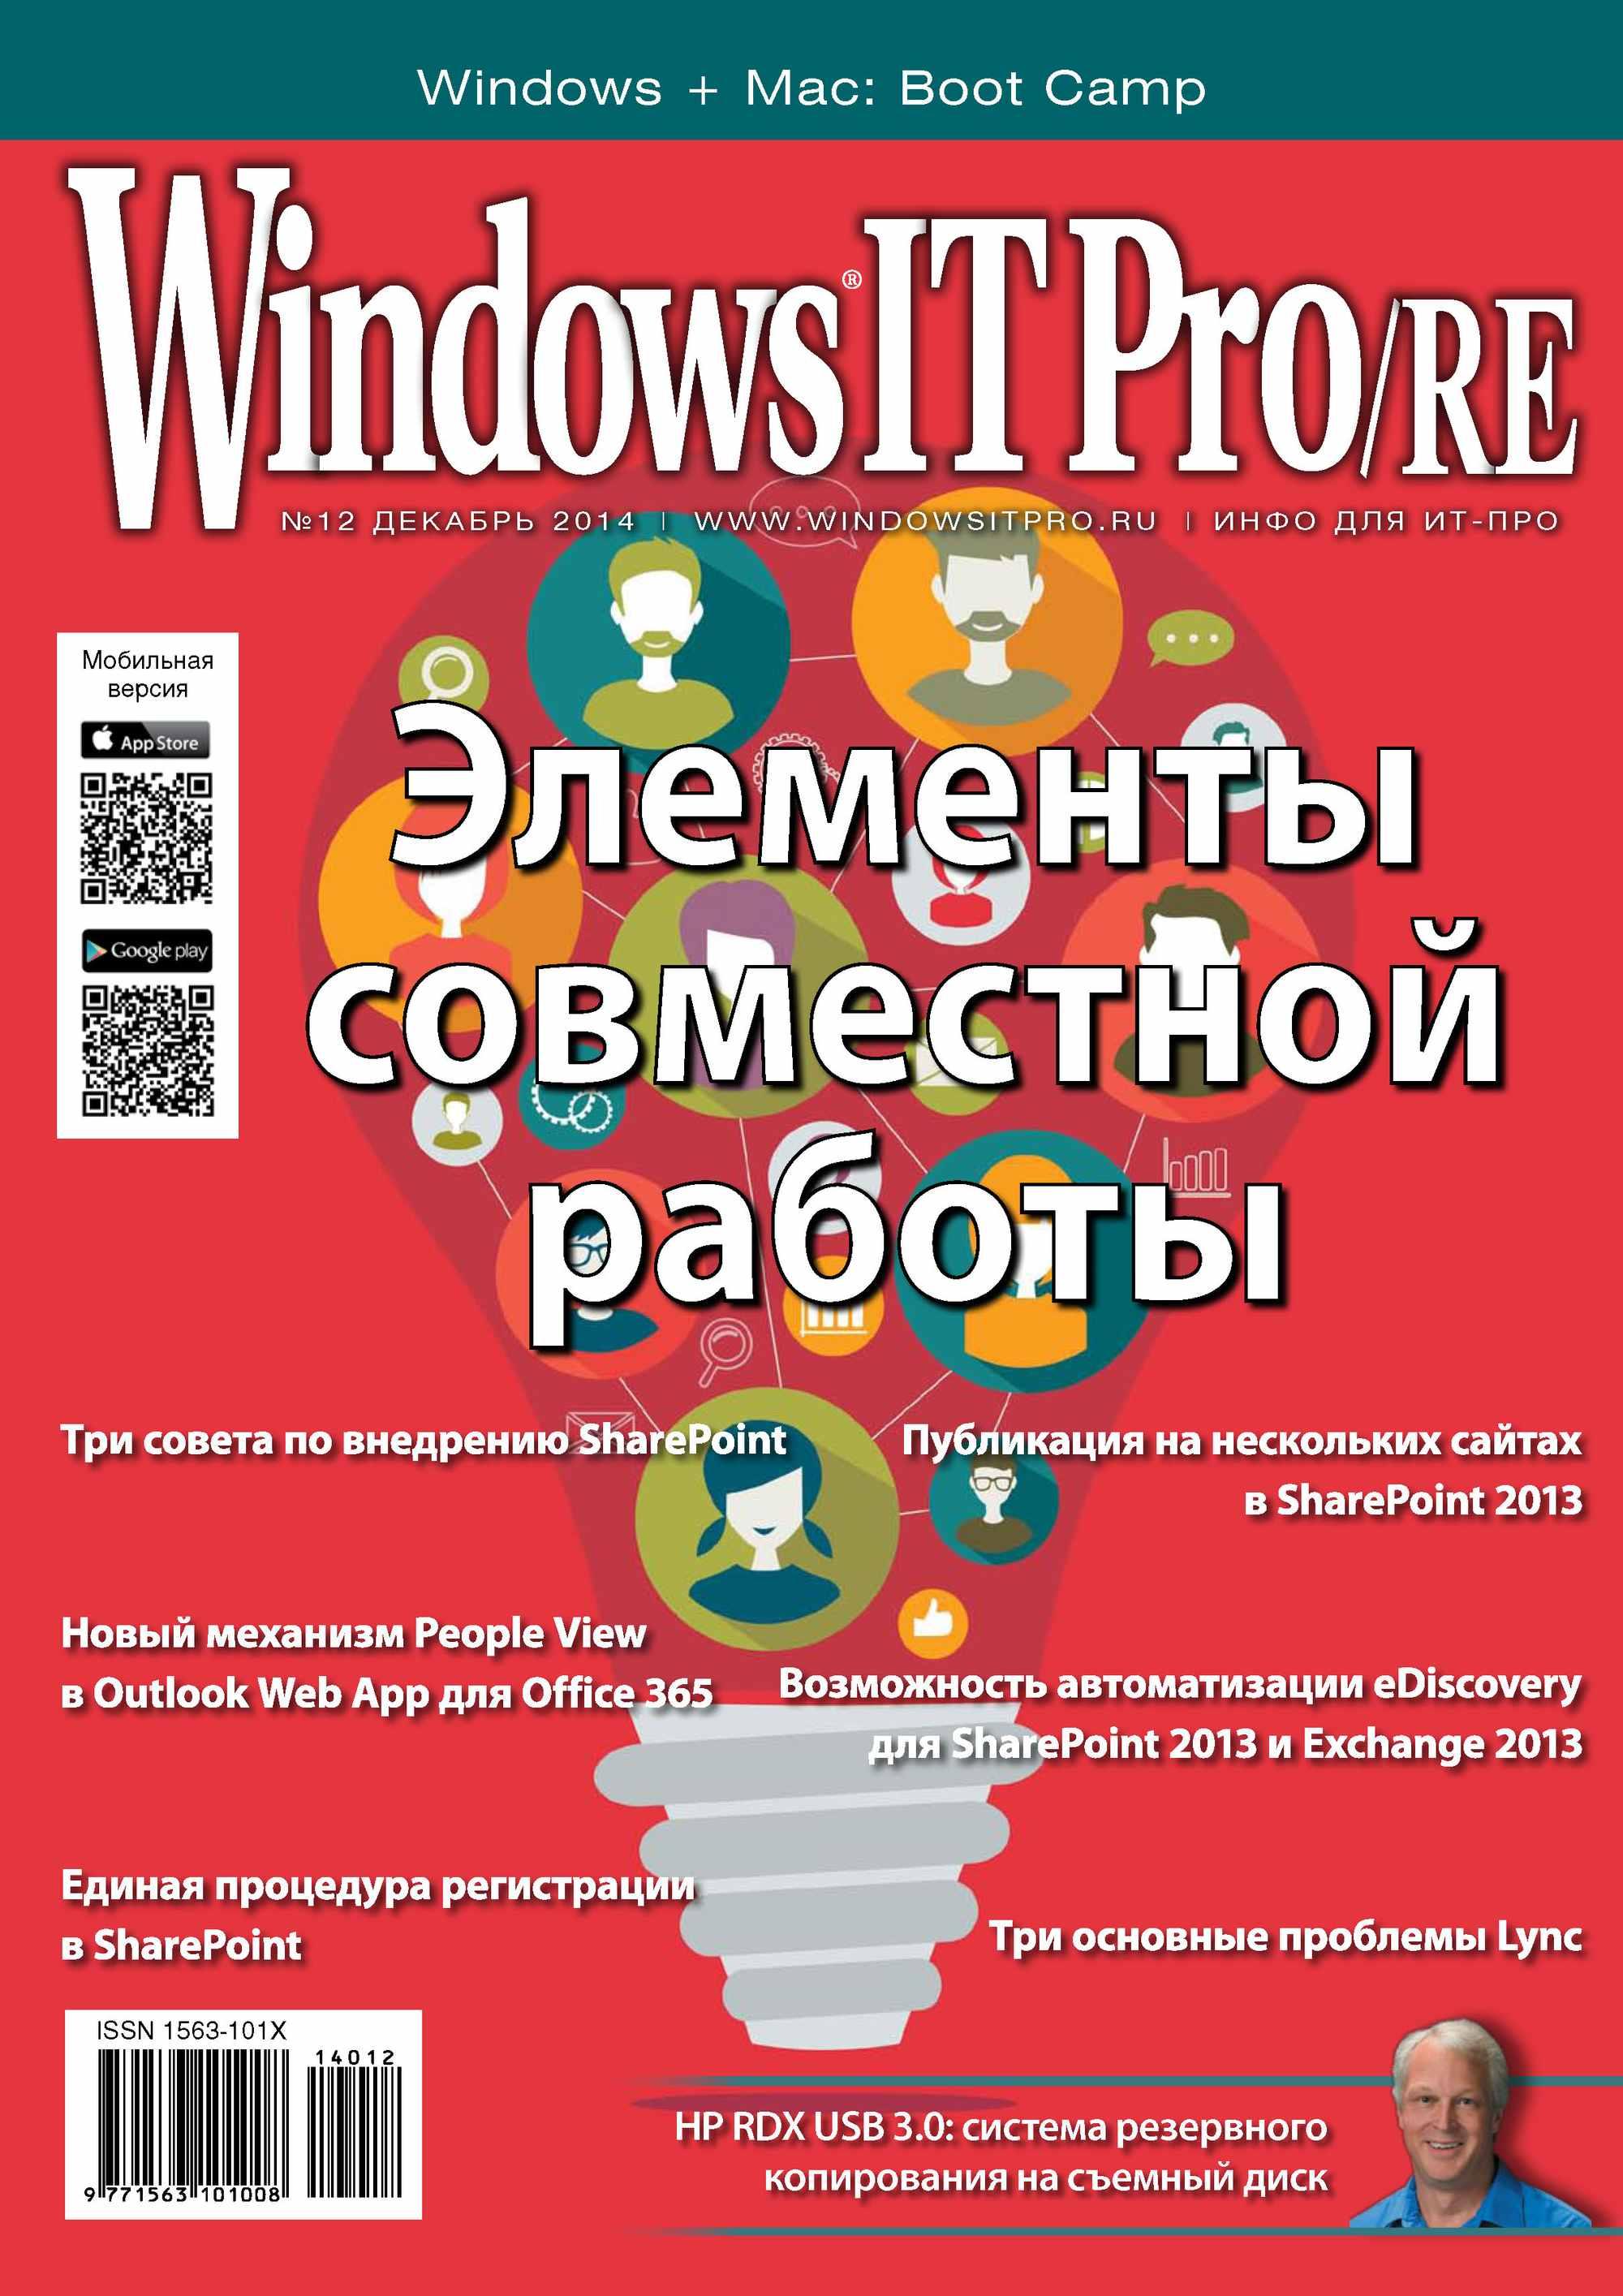 Открытые системы Windows IT Pro/RE №12/2014 коробочная версия microsoft office 365 персональный [qq2 00595]